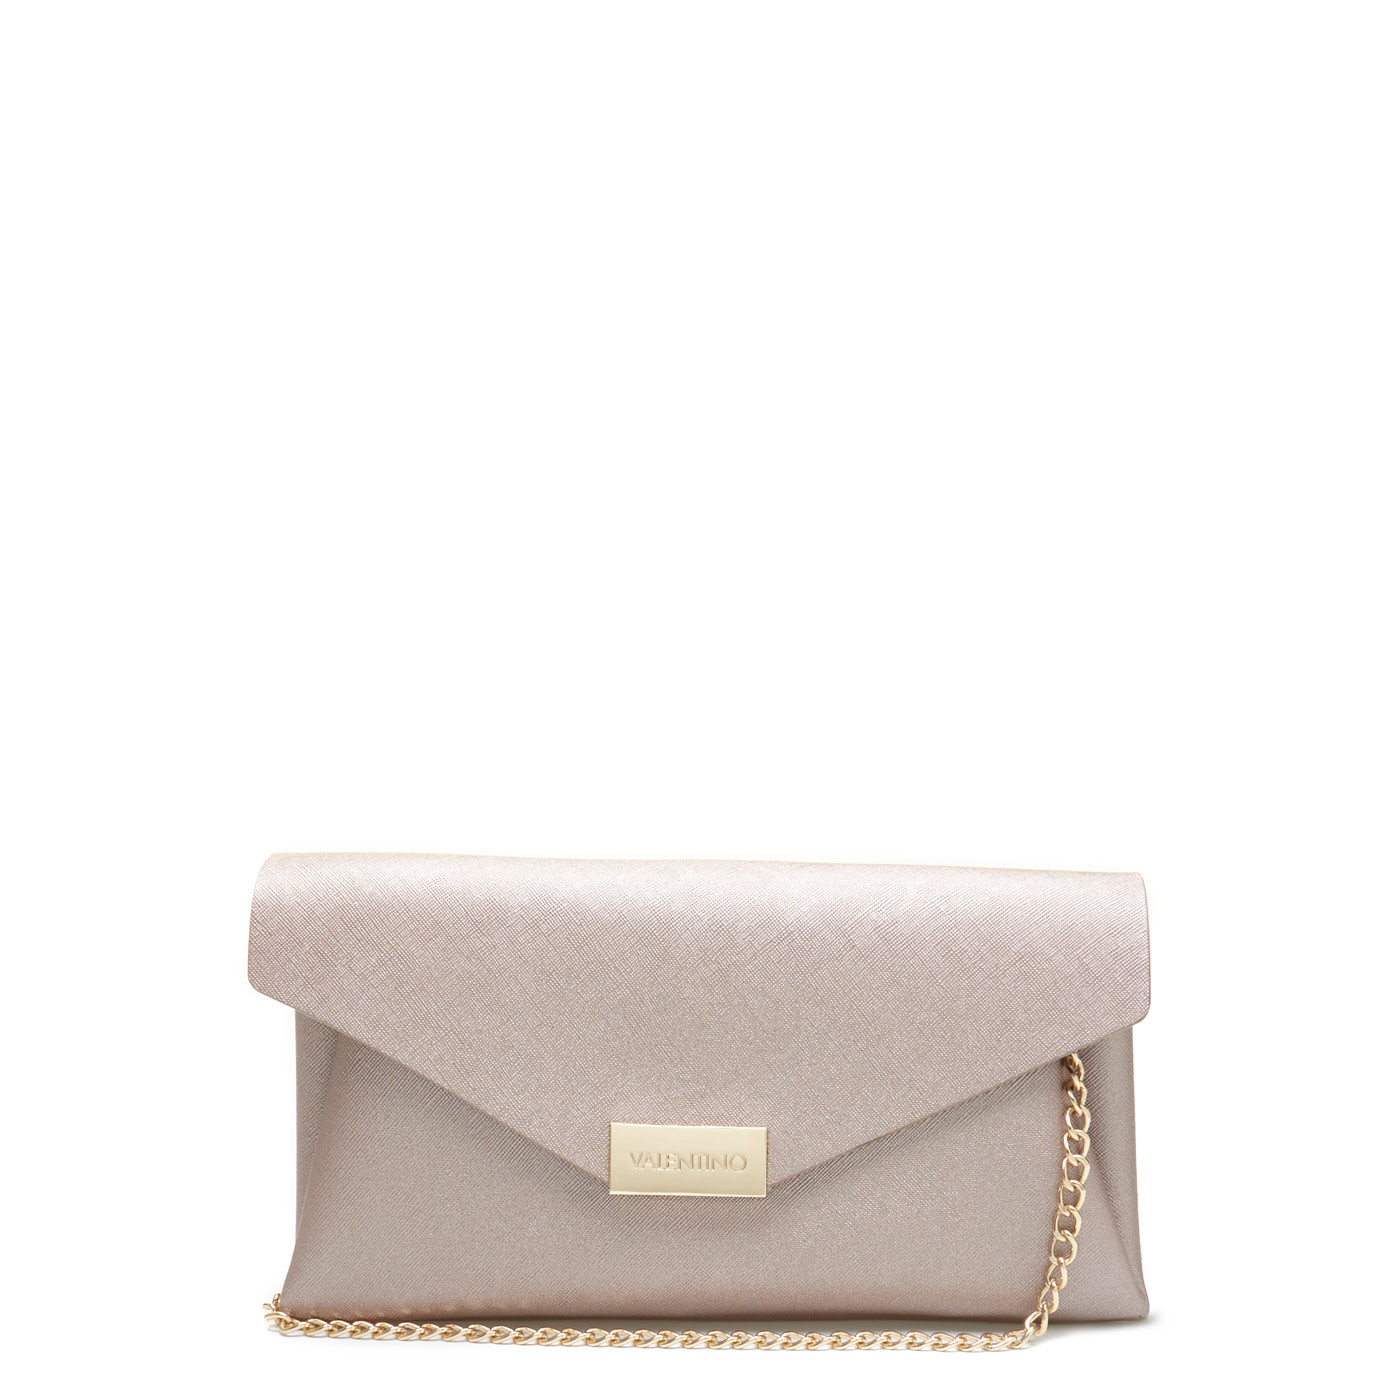 Valentino Bags Arpie Oro Rosa Clutch VBS3XI01ORO-ROSA